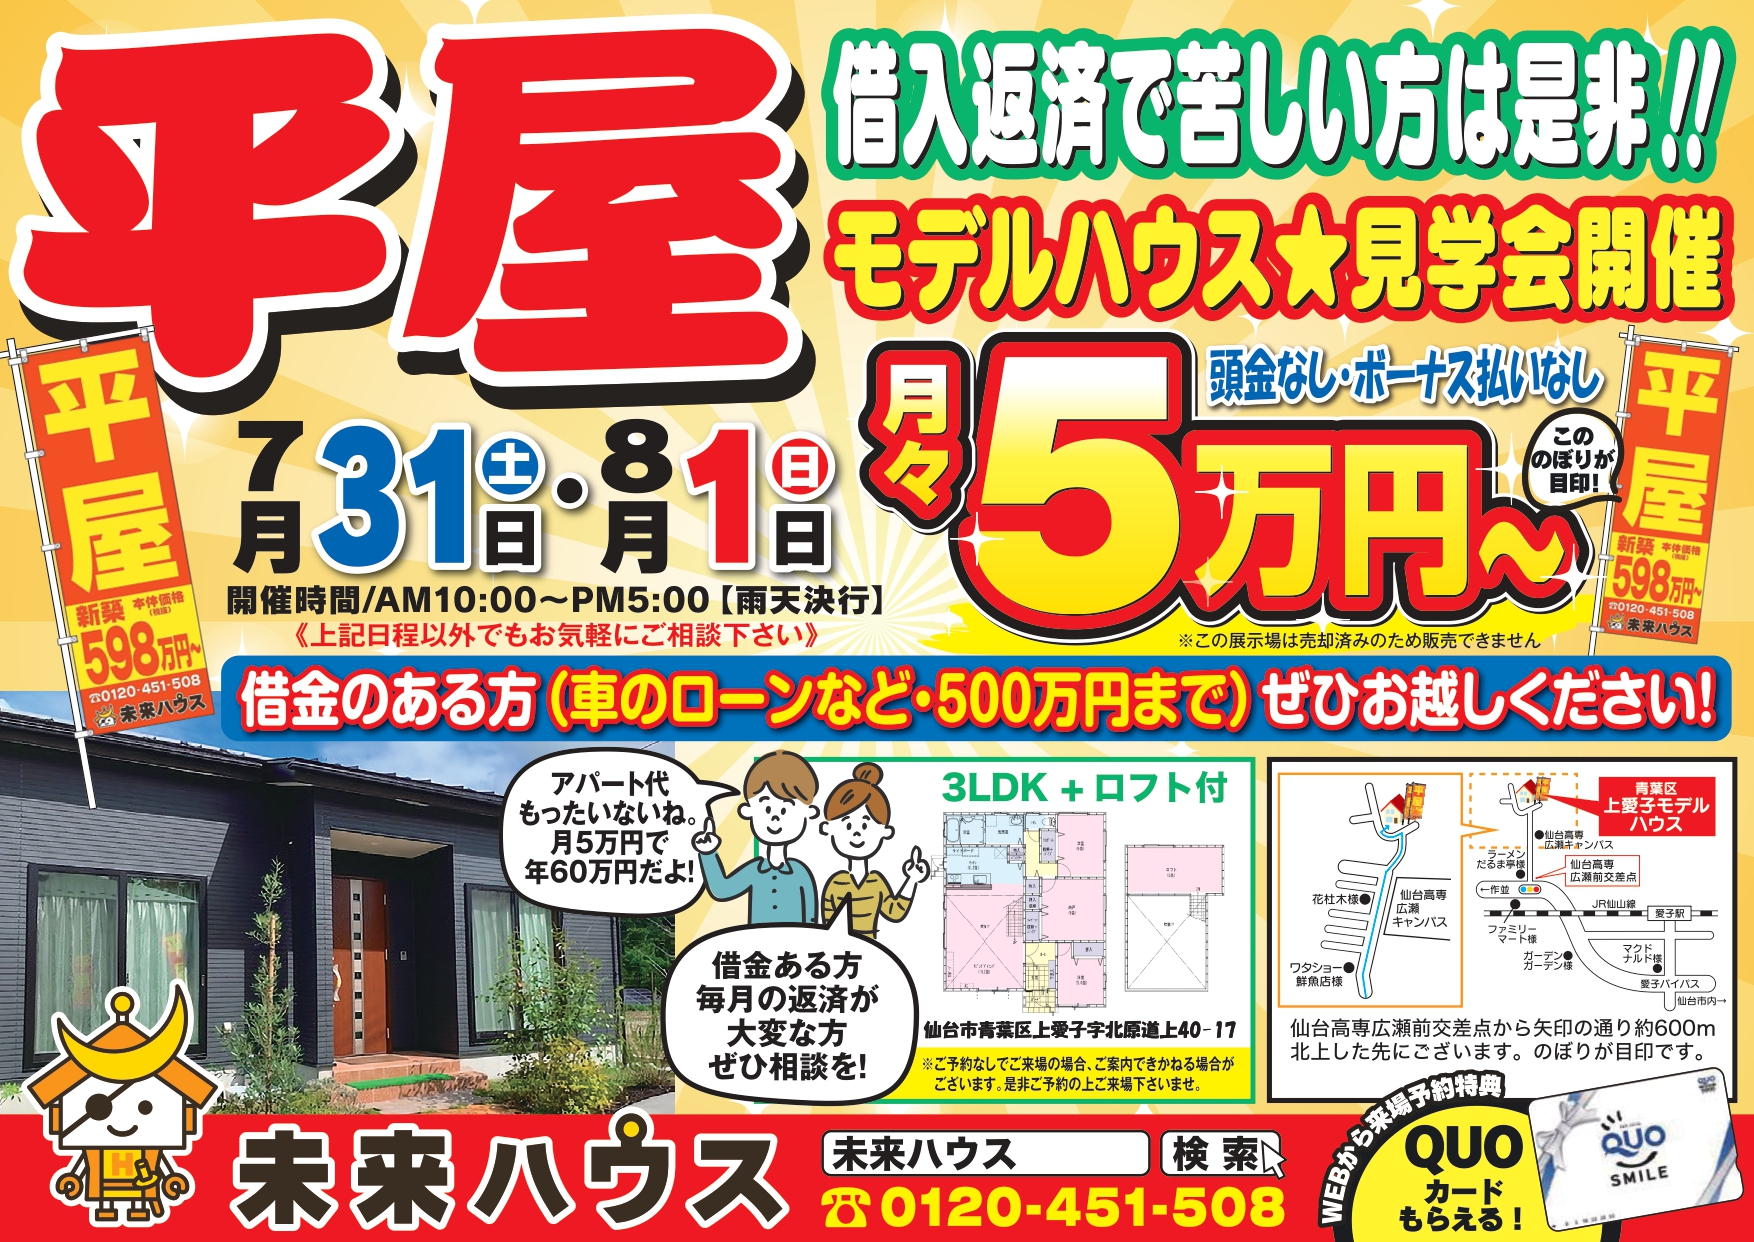 7月31日(土)・8月1日(日) 上愛子平屋モデルハウス